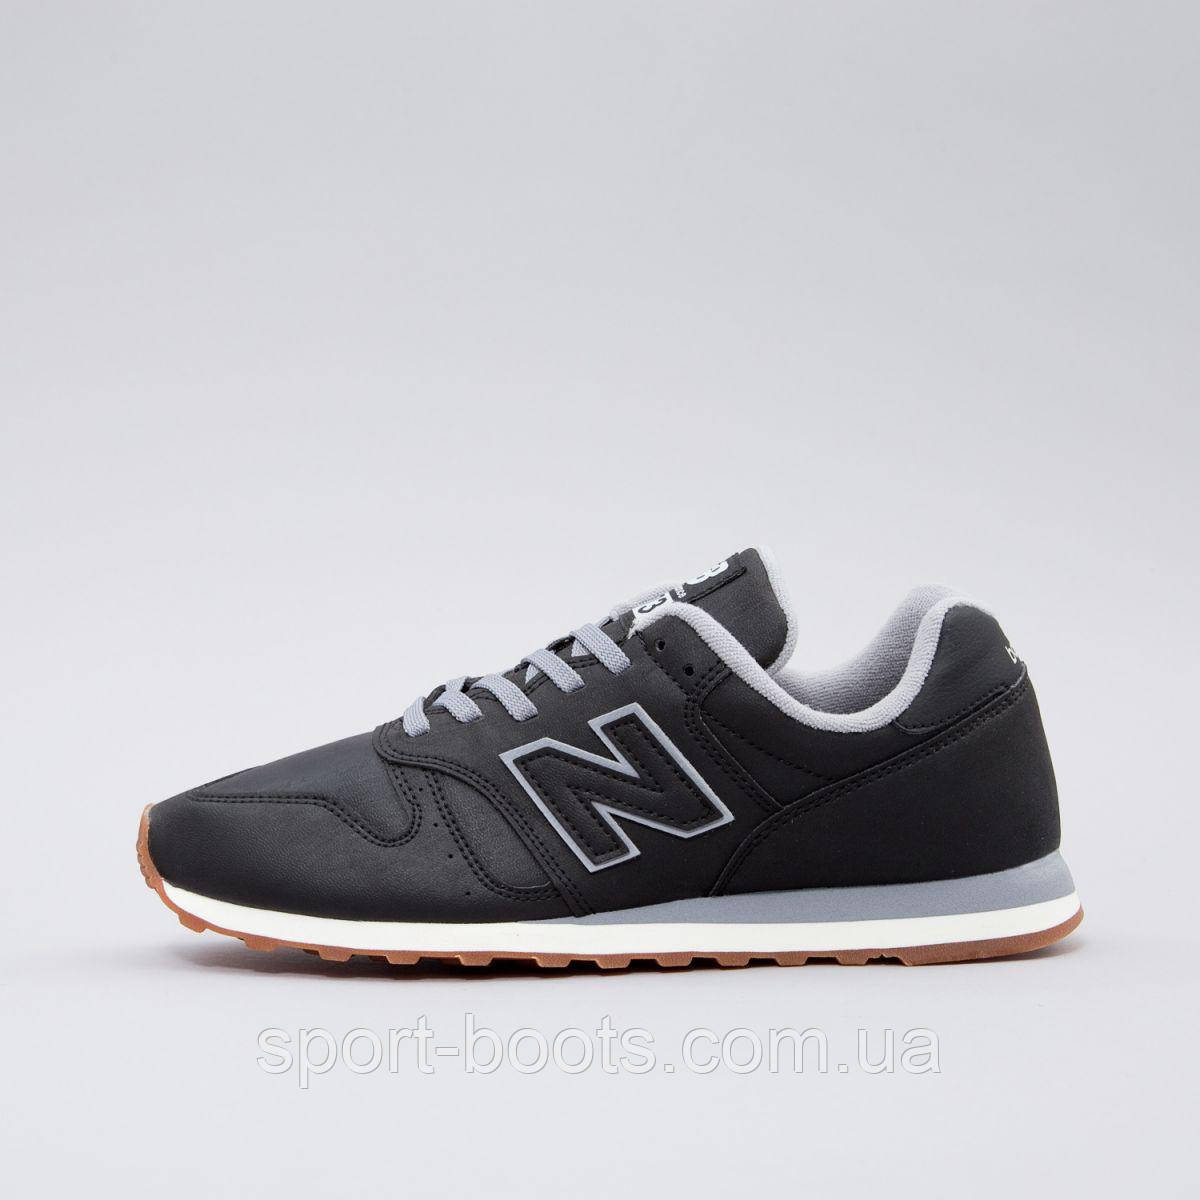 Оригинальные мужские кроссовки NEW BALANCE 373  продажа, цена в ... 90800bcc1a2